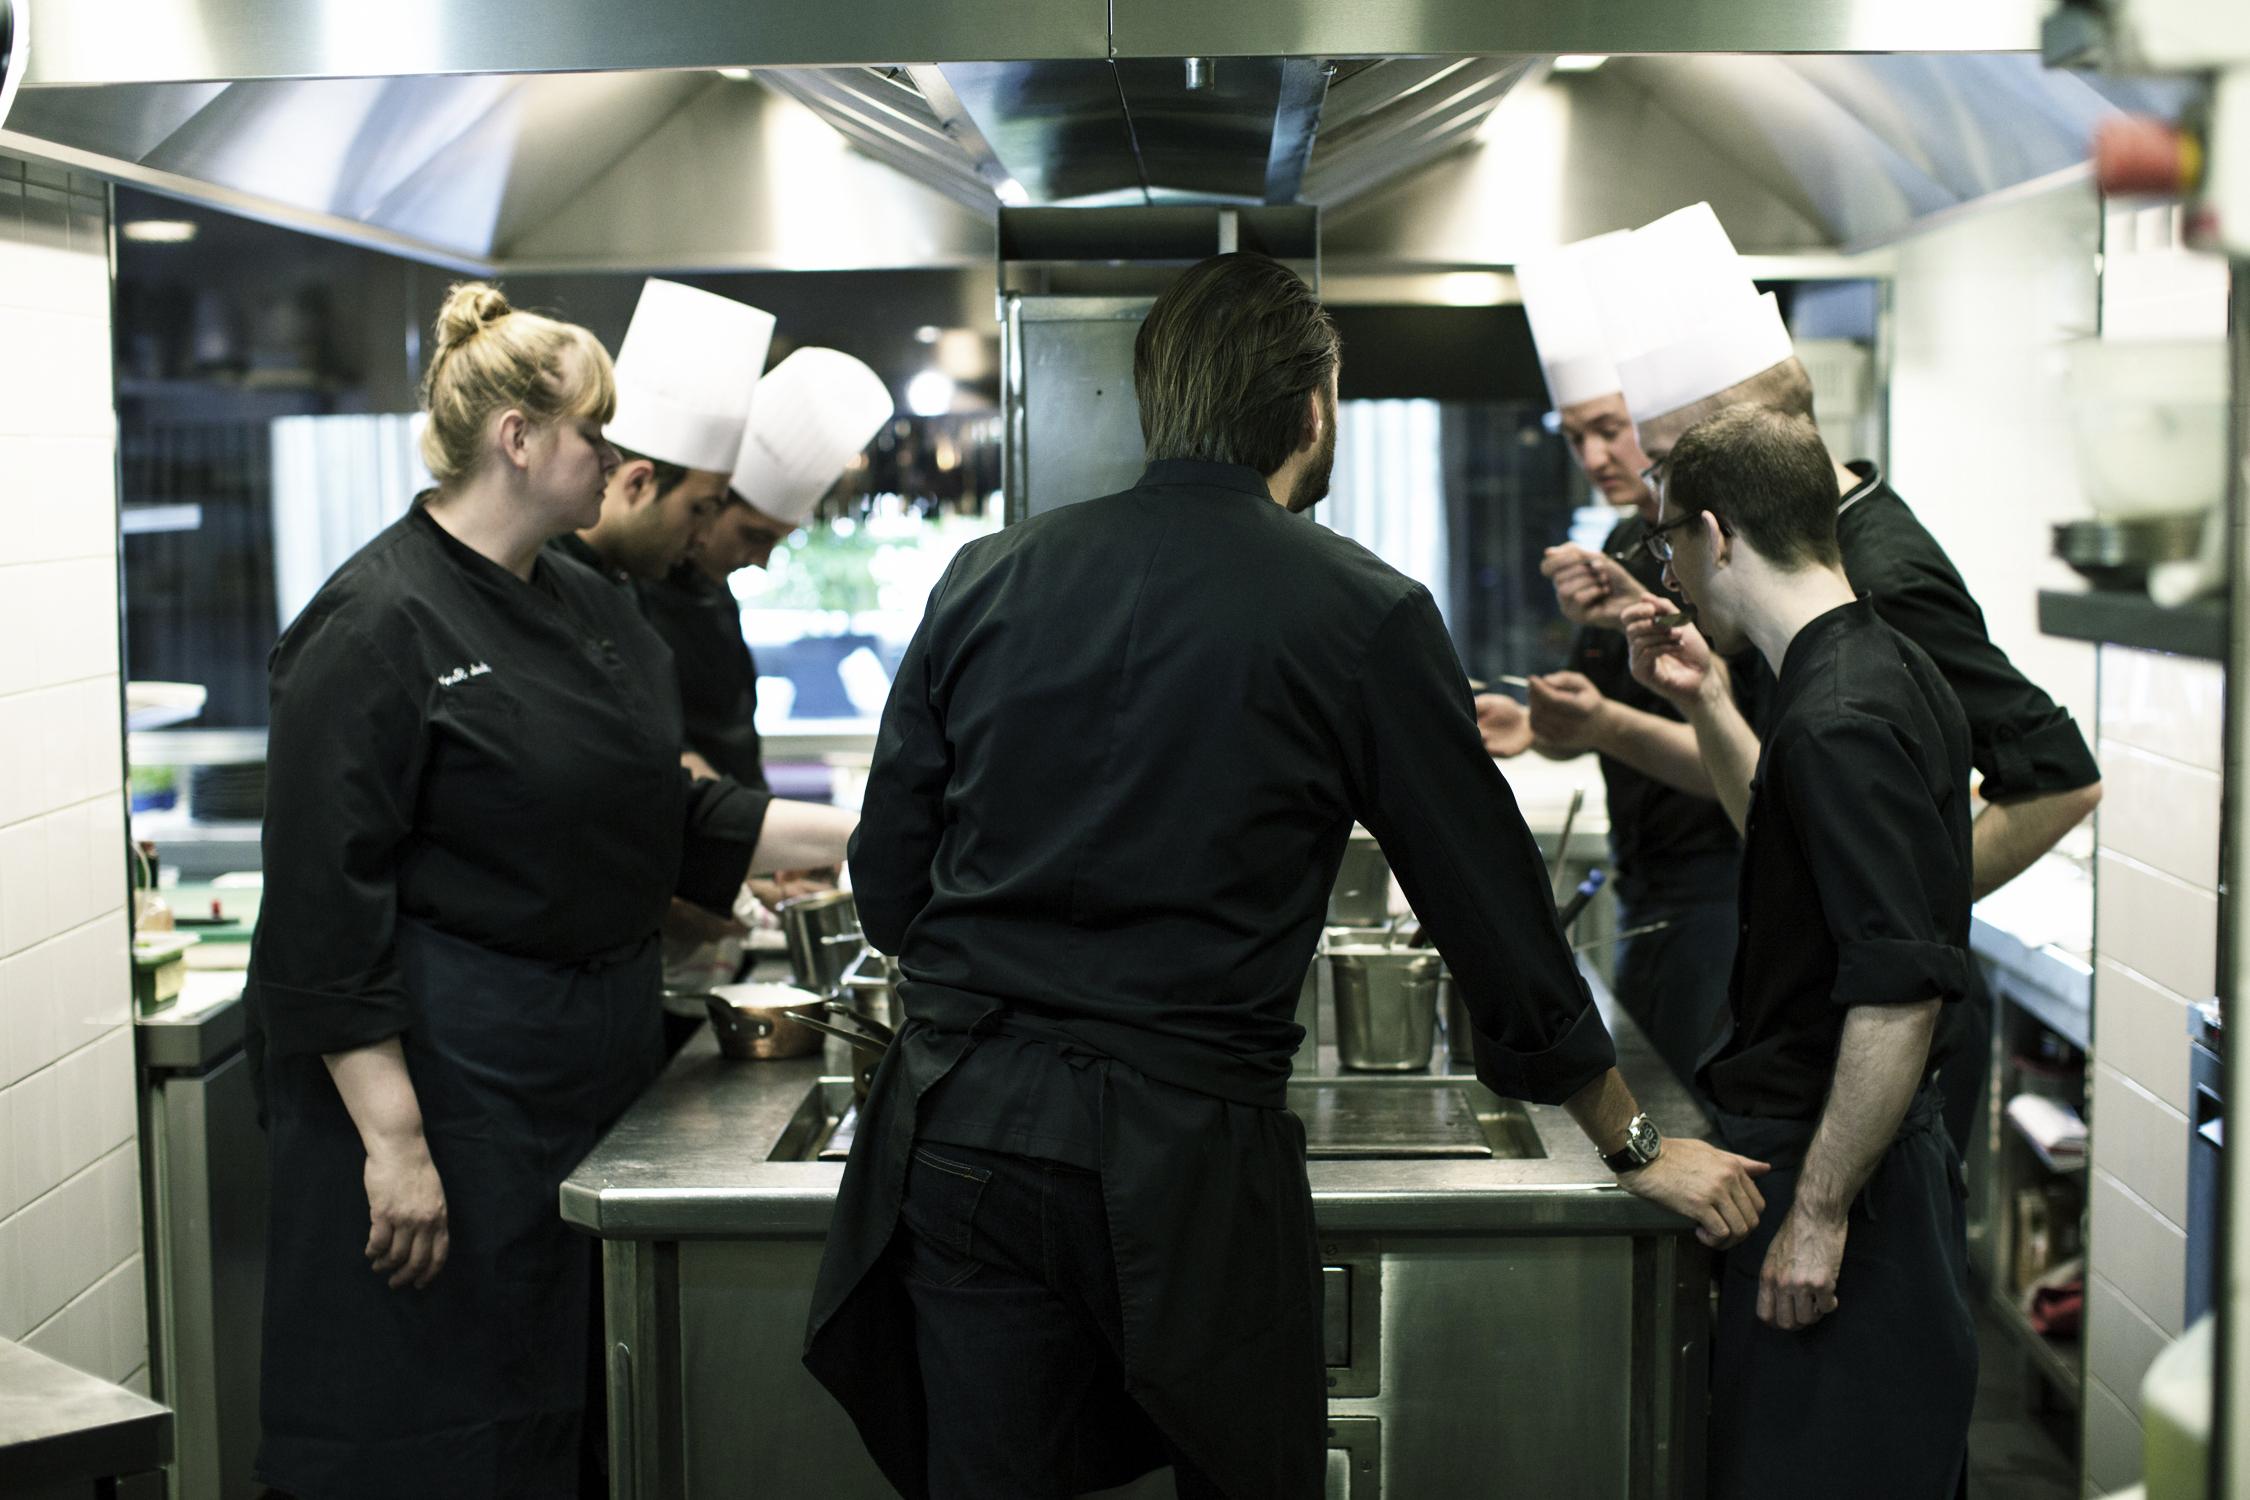 Restaurant le quinzi me cyril lignac recrute directeur - Directeur de restaurant ...